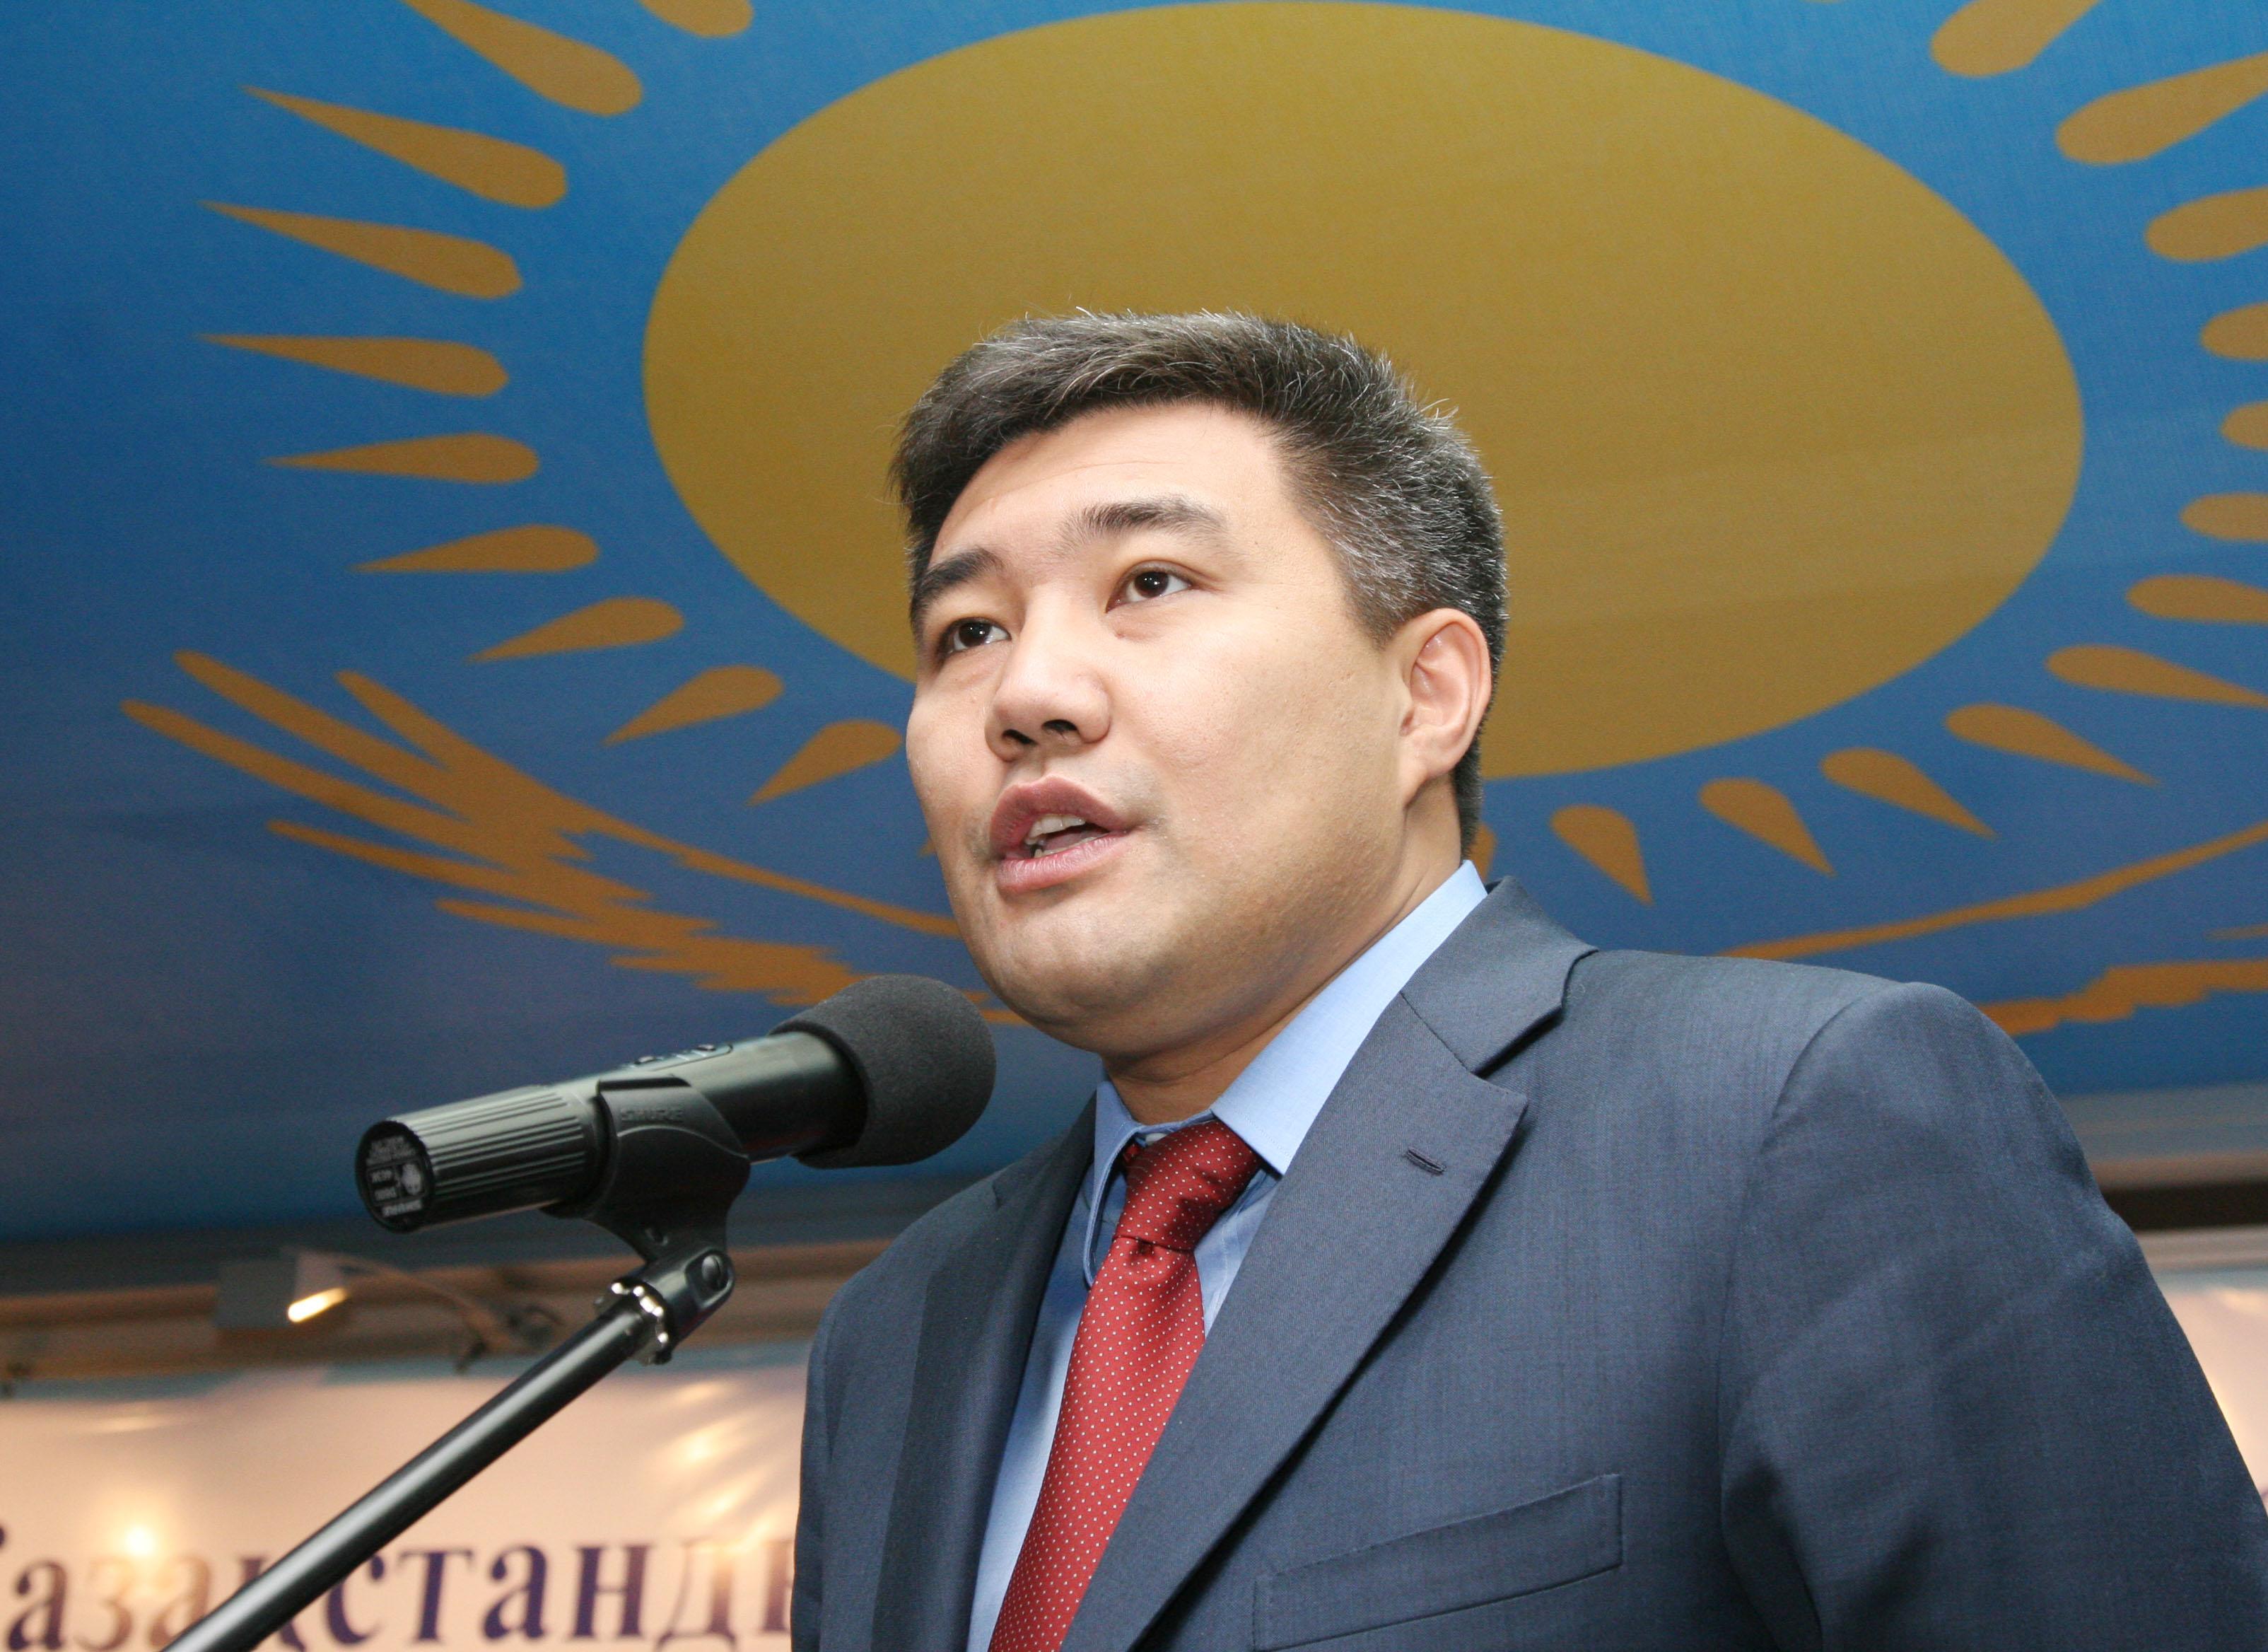 Казахский министр посоветовал школьницам в платках перейти на домашнее обучение